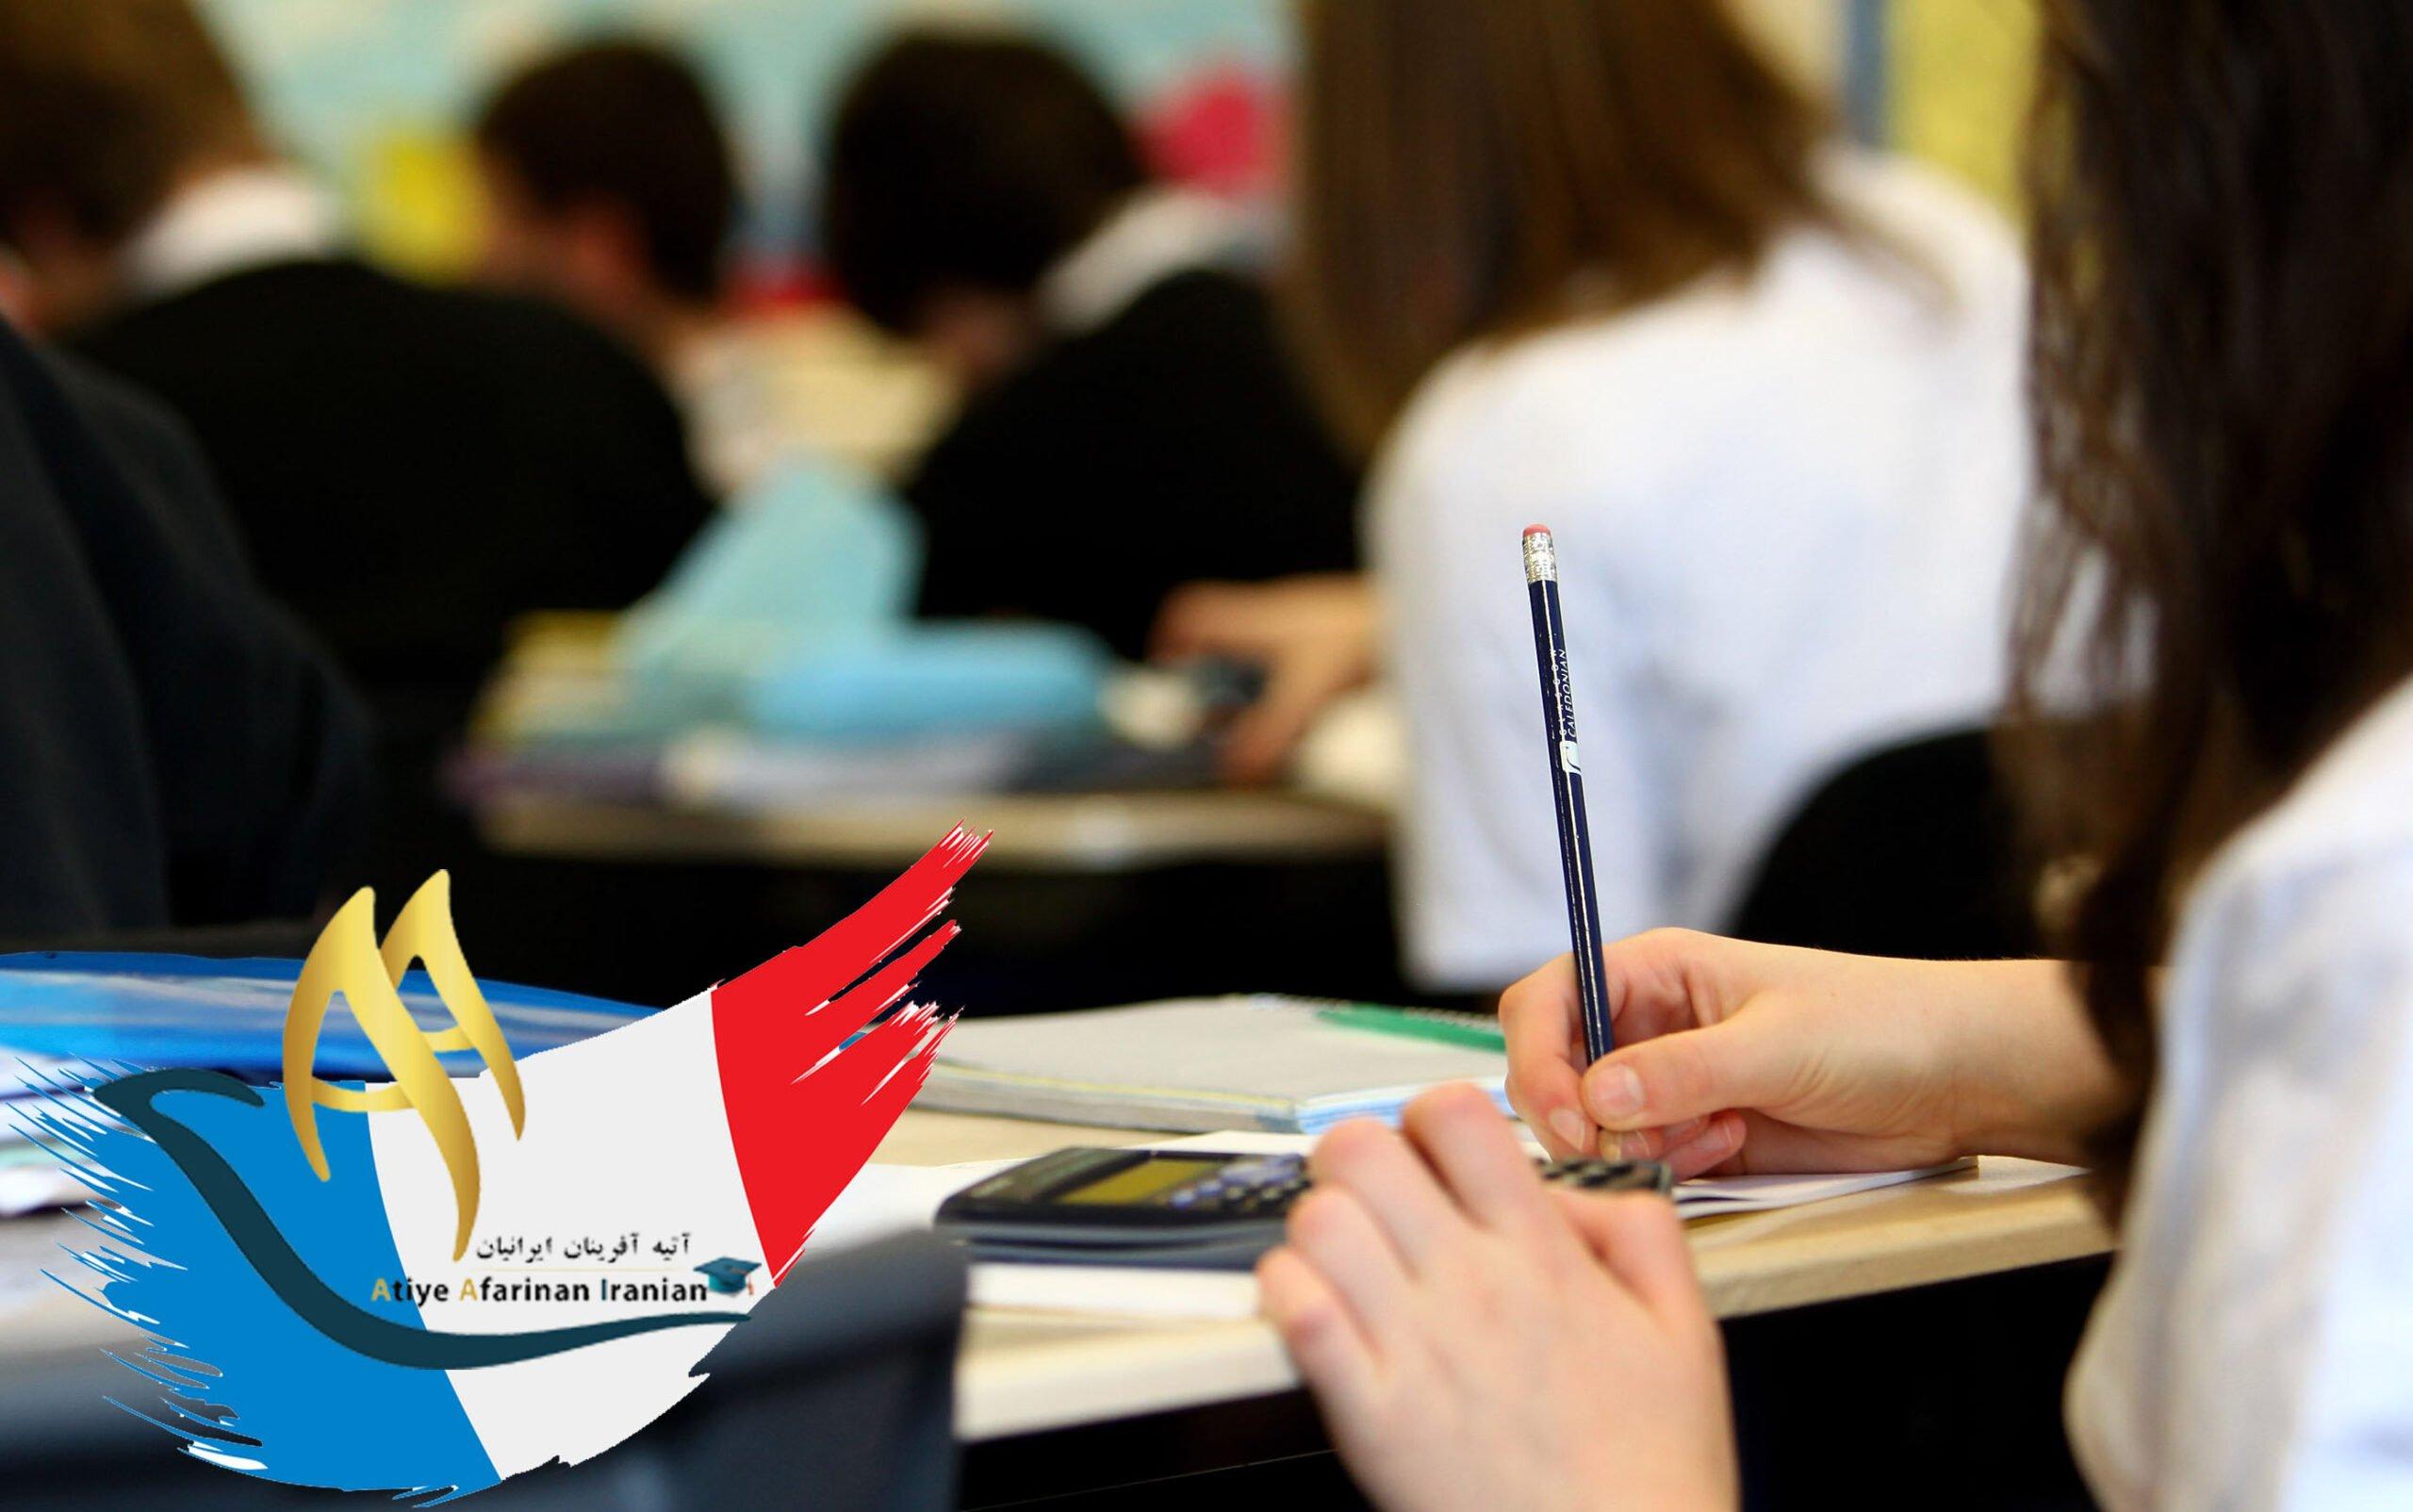 مدارک مورد نیاز برای اخذ ویزای تحصیلی فرانسه